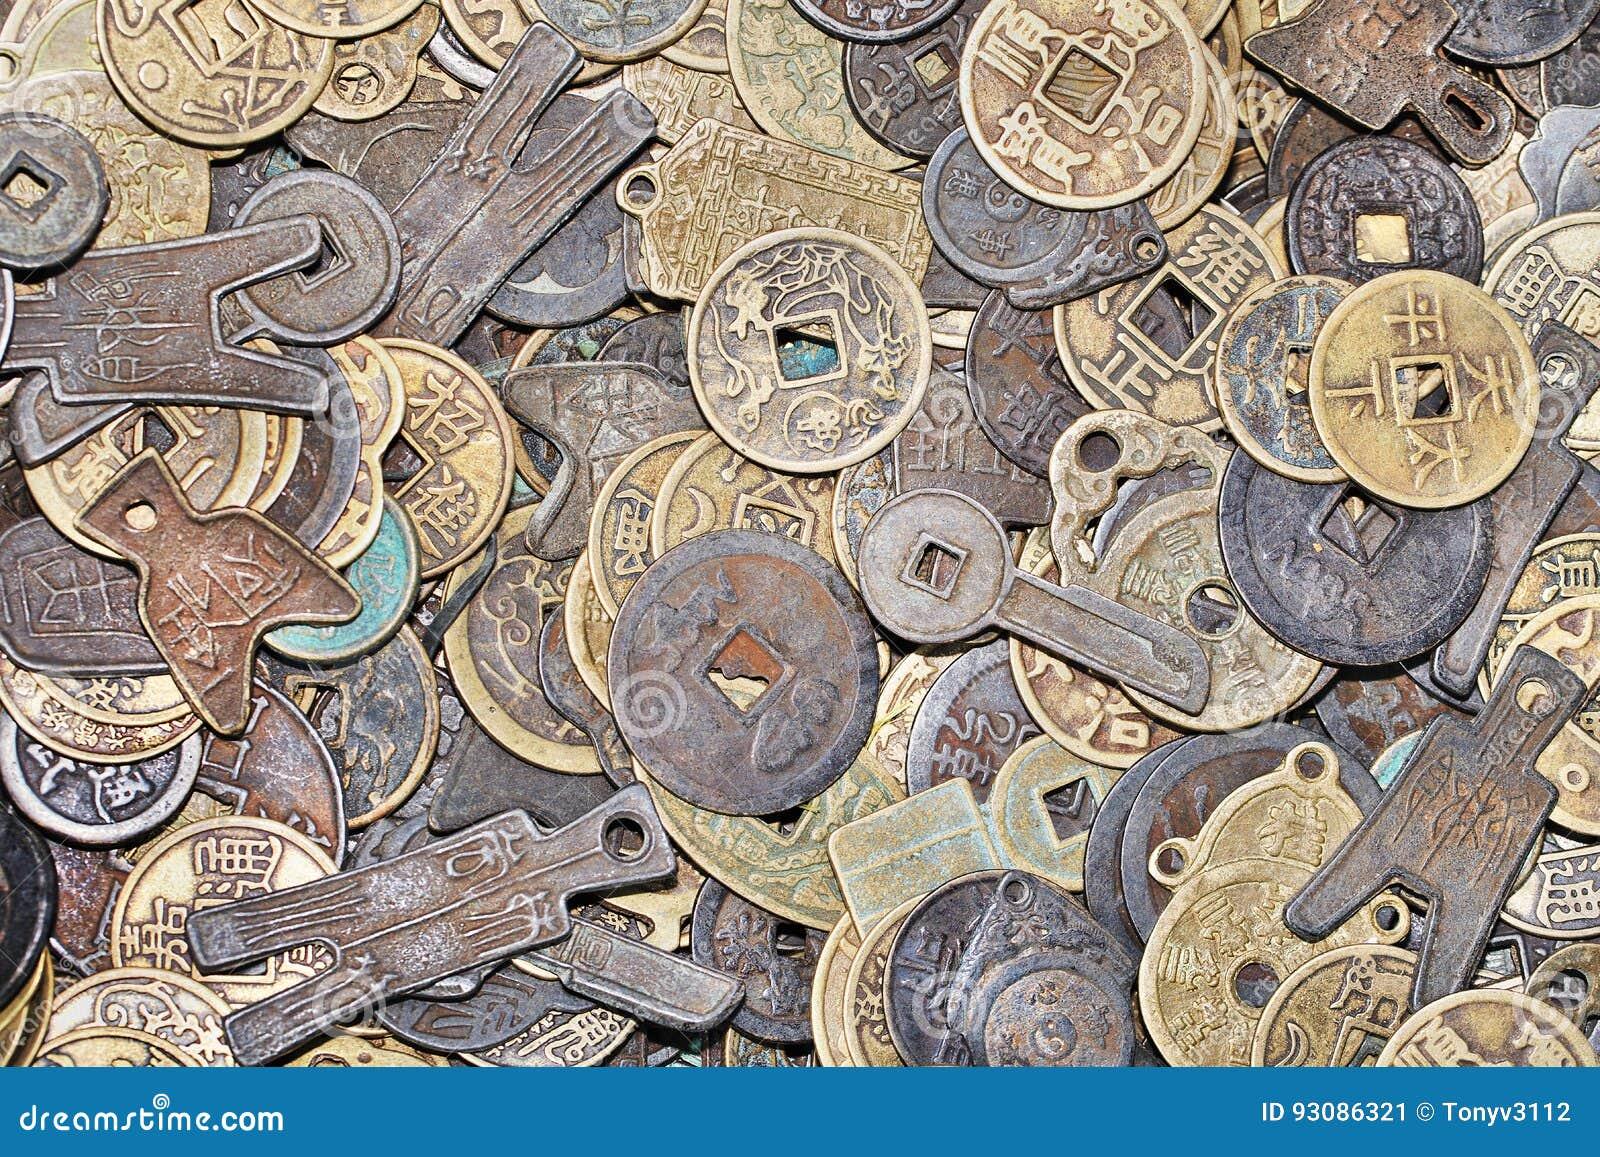 Alte Chinesische Münzen Mit Verschiedenen Formen Und Formen